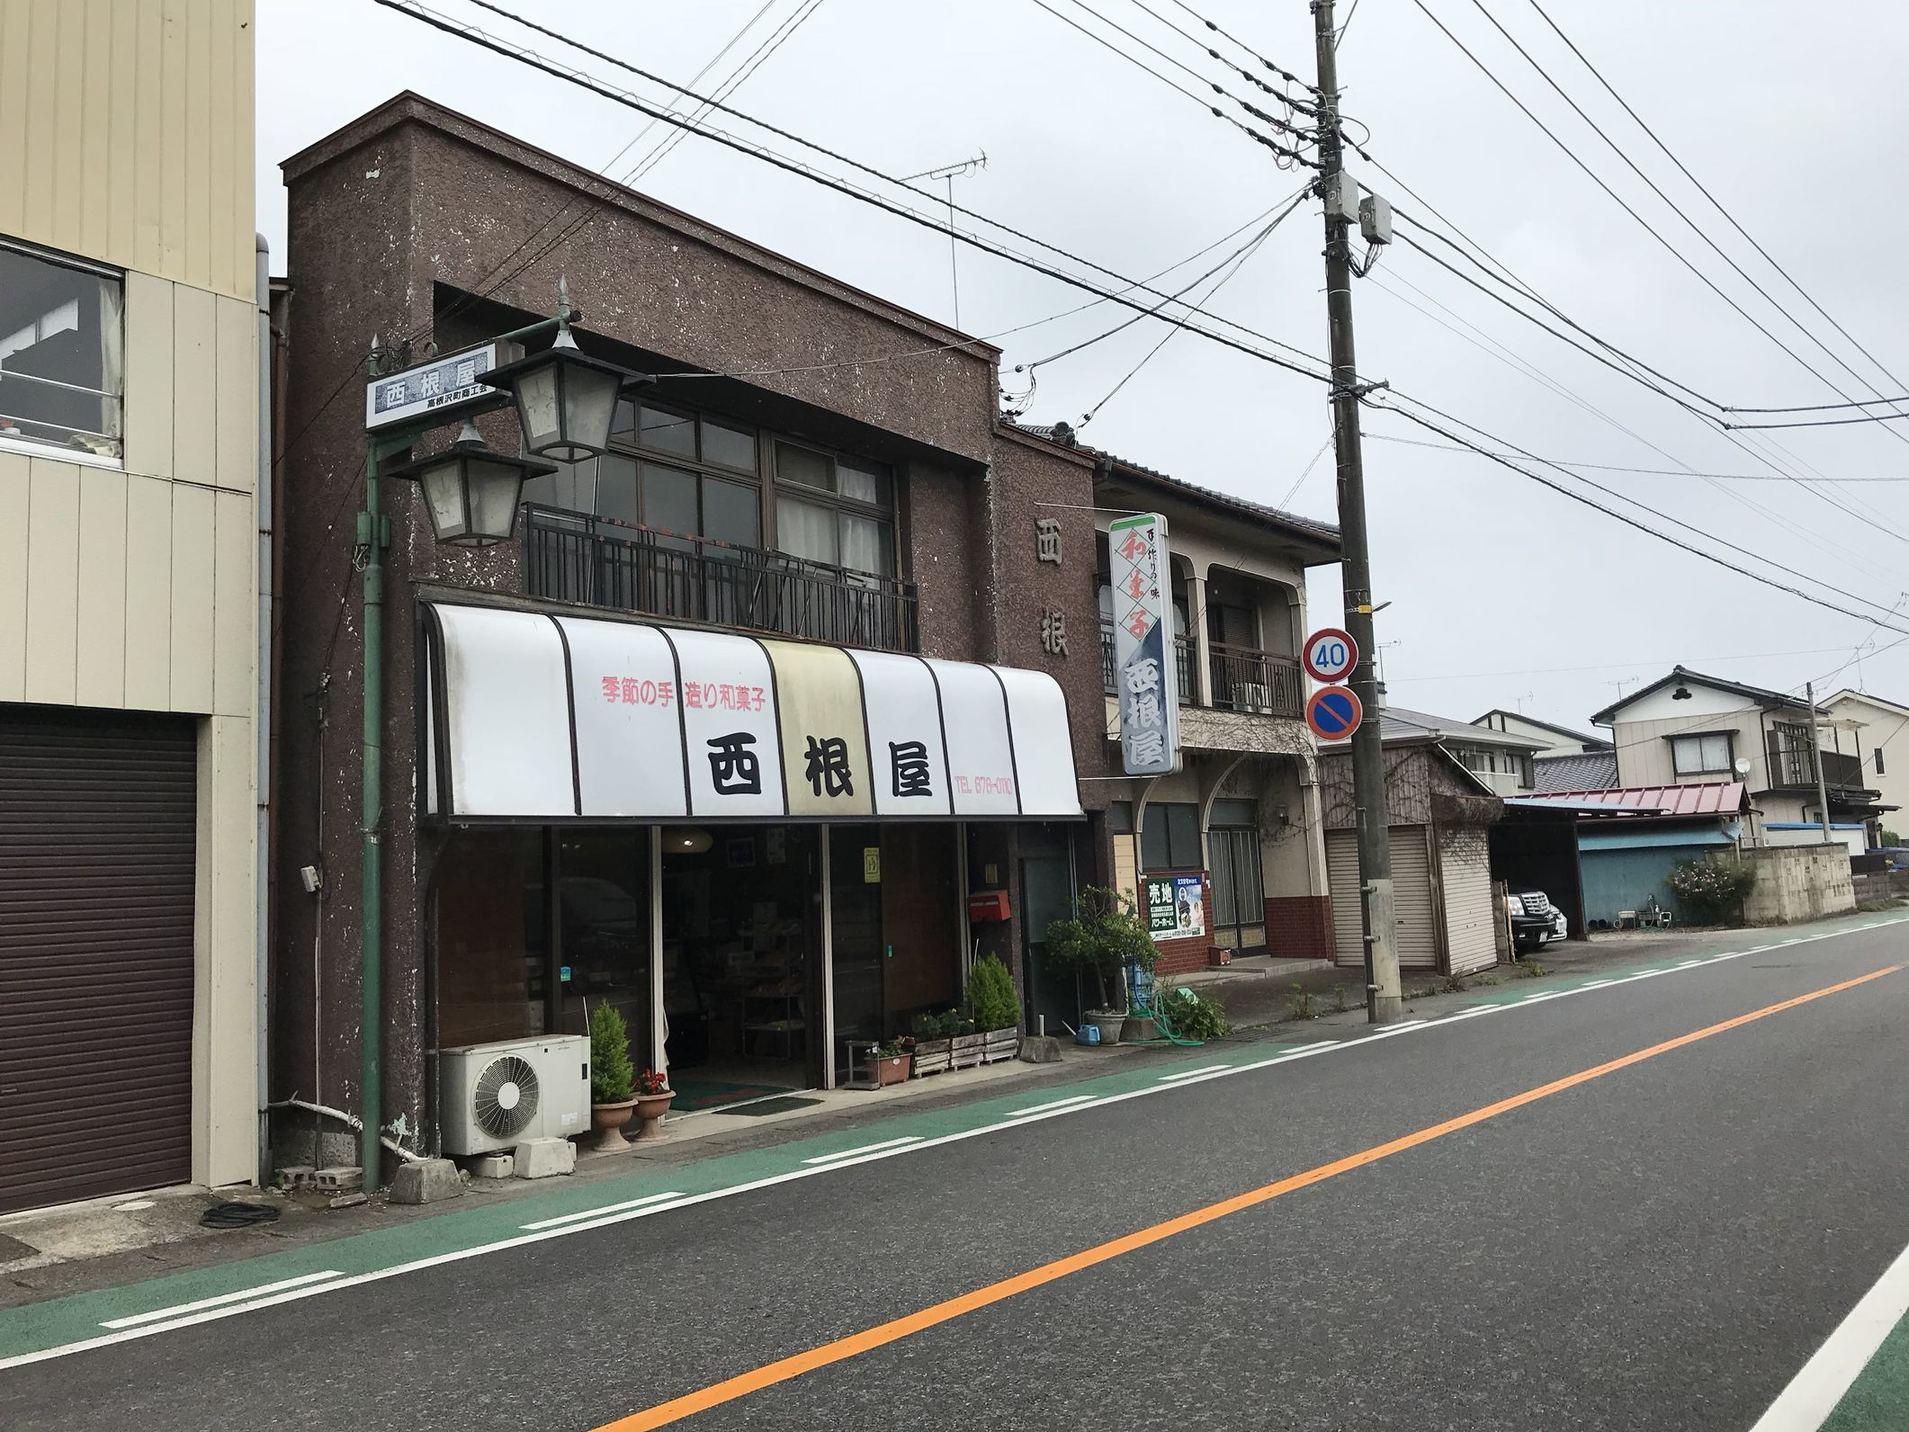 西根屋 name=